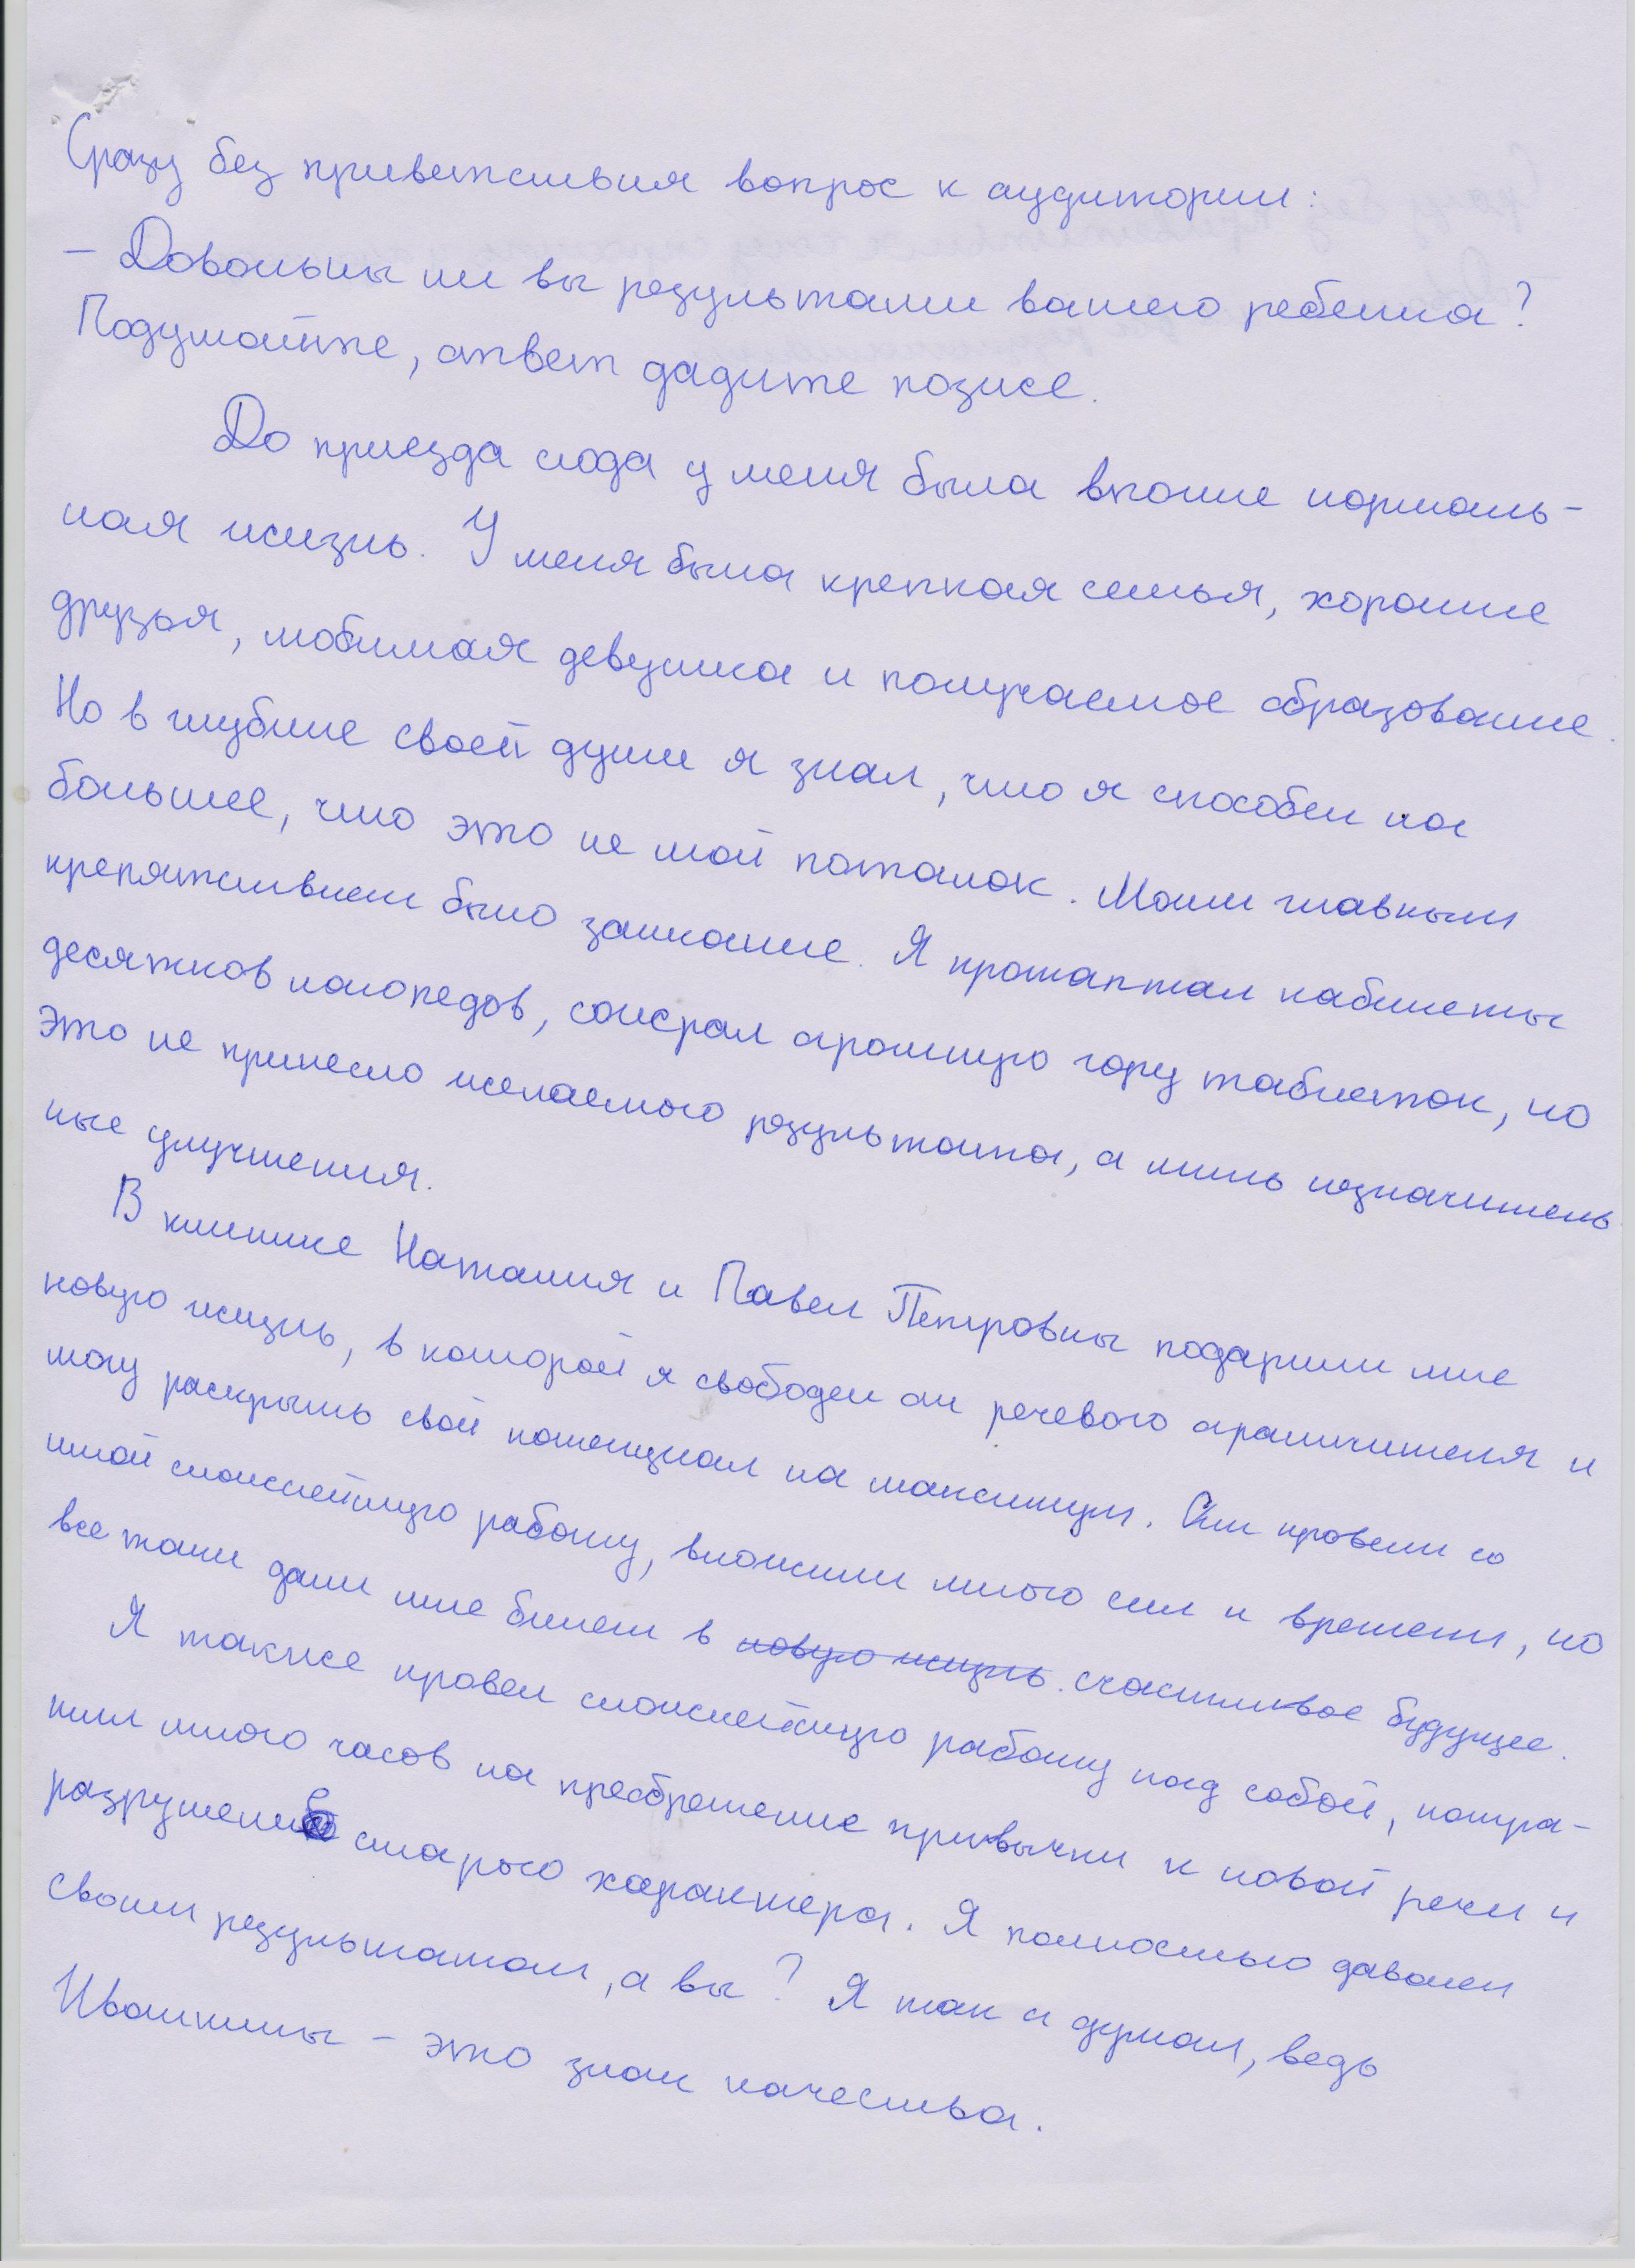 Отзыв Владимира, г. Канаш, Чувашия о Речевом Центре Иванкина